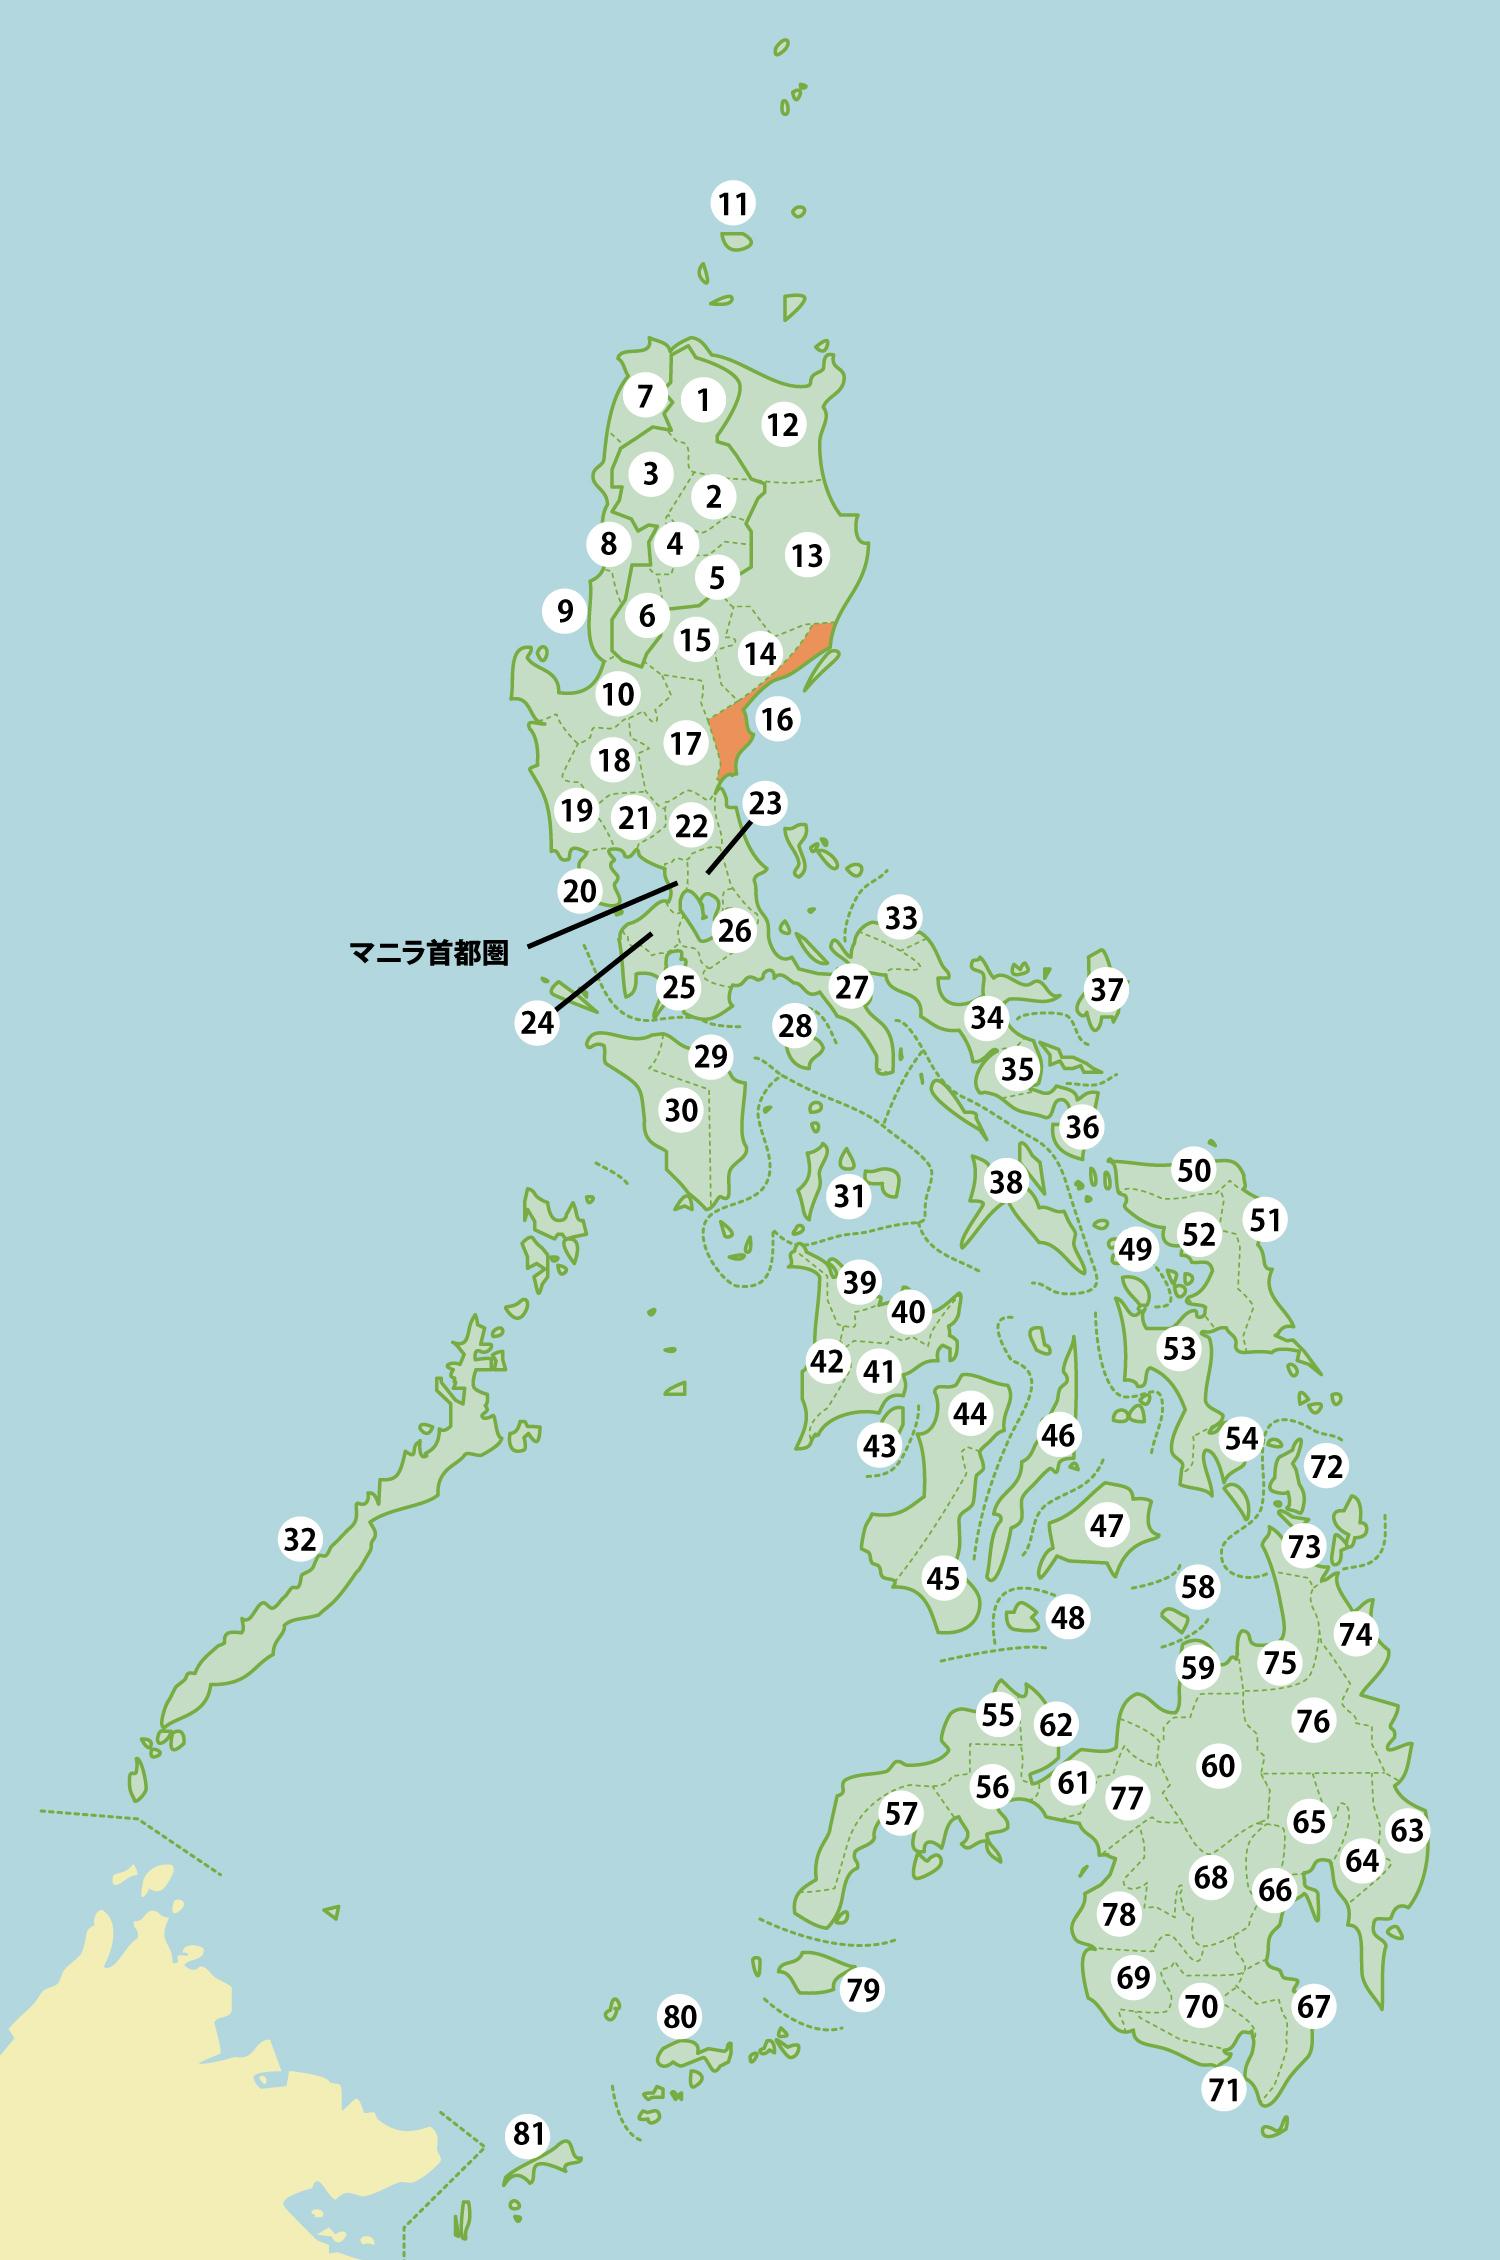 フィリピンの工業団地リスト